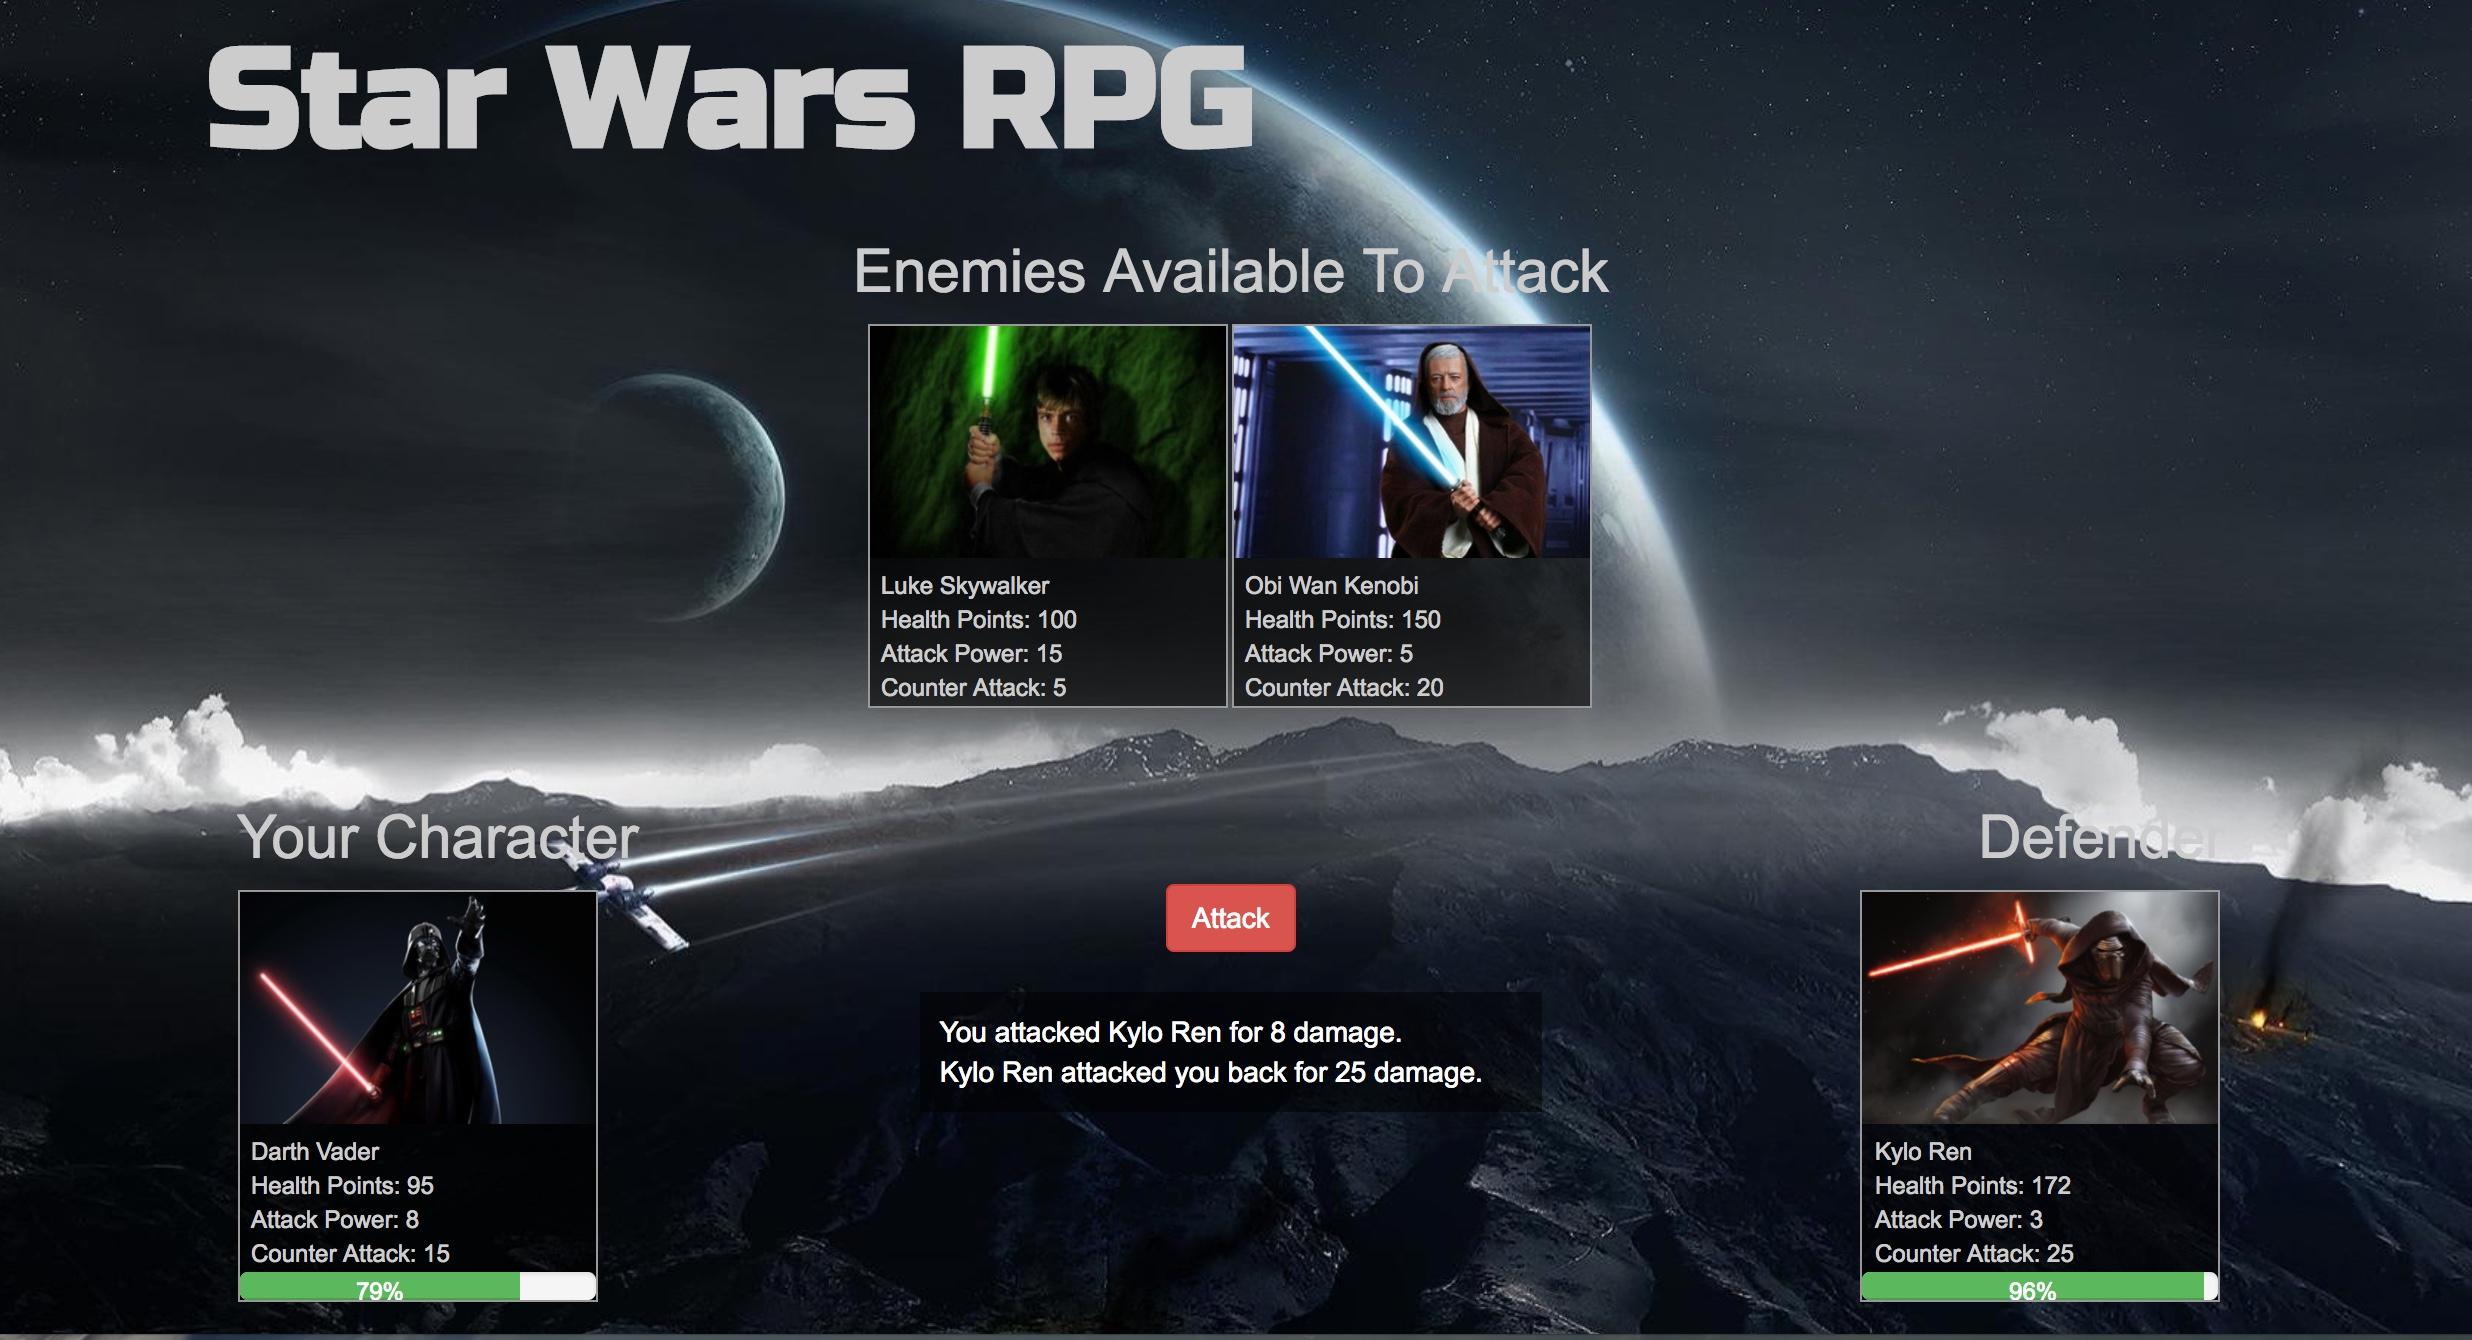 Playing Star Wars RPG